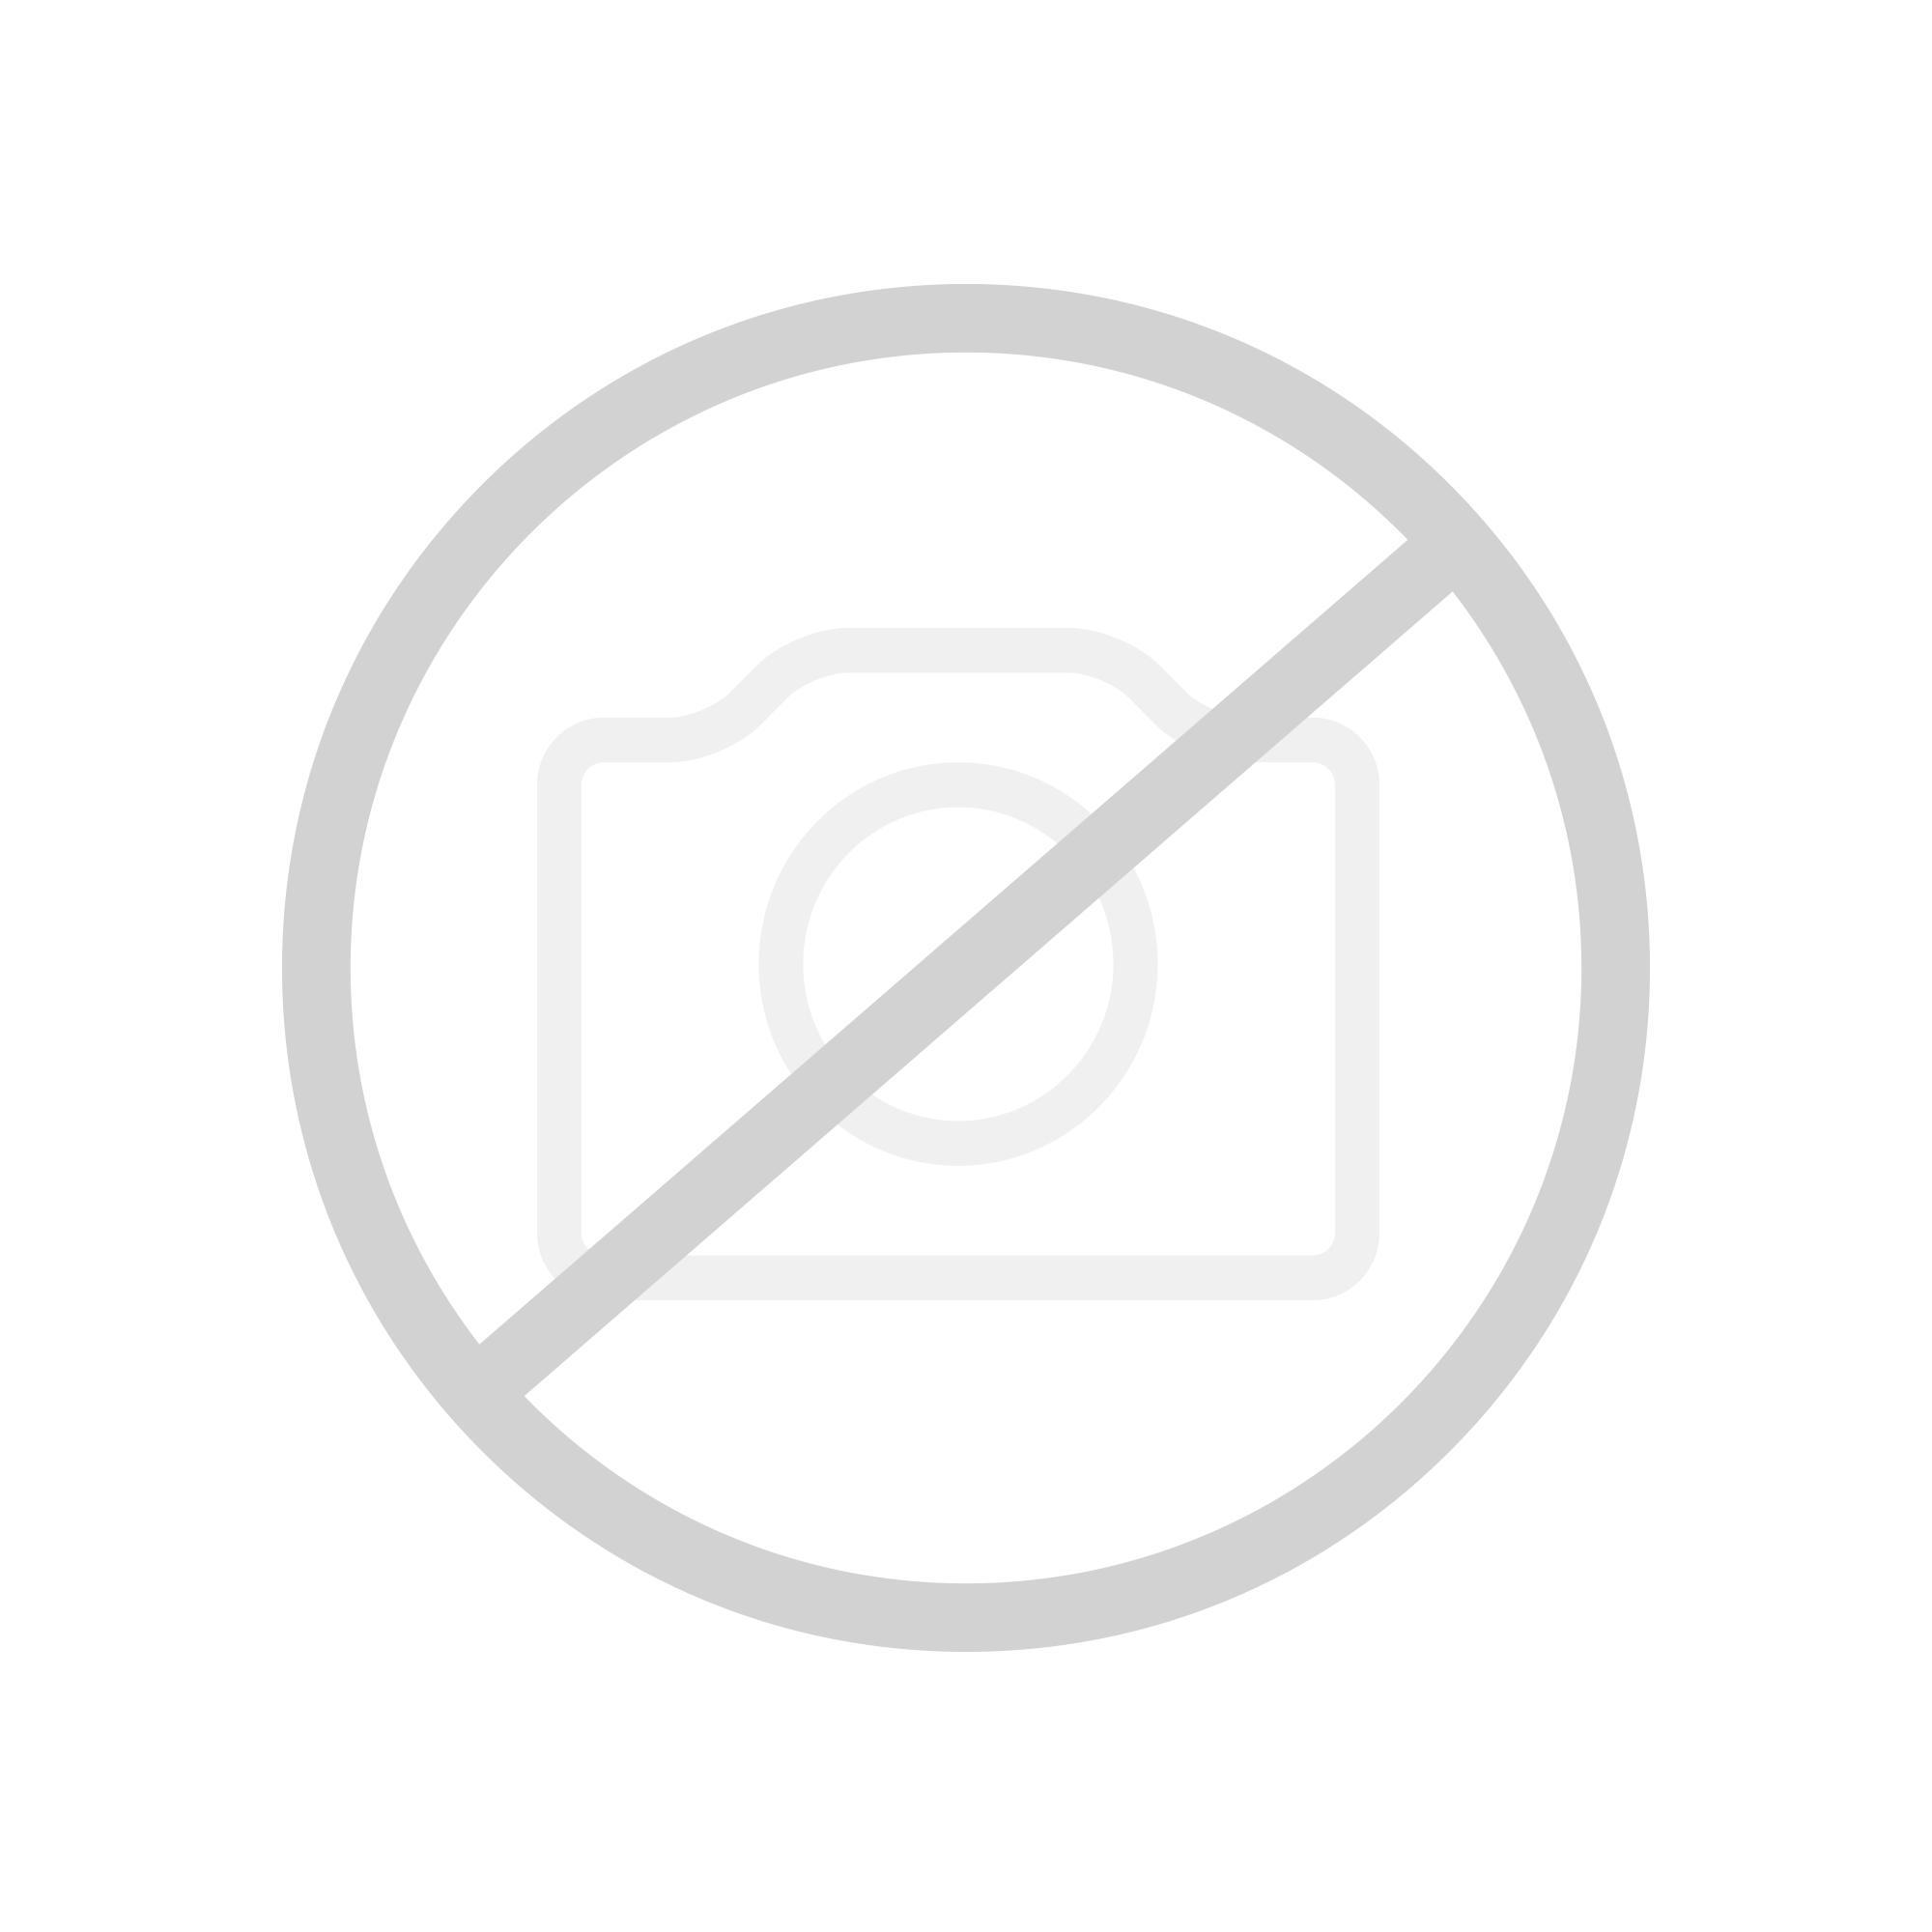 Waschtischunterschrank stehend  Waschtischunterschrank Stehend | gispatcher.com